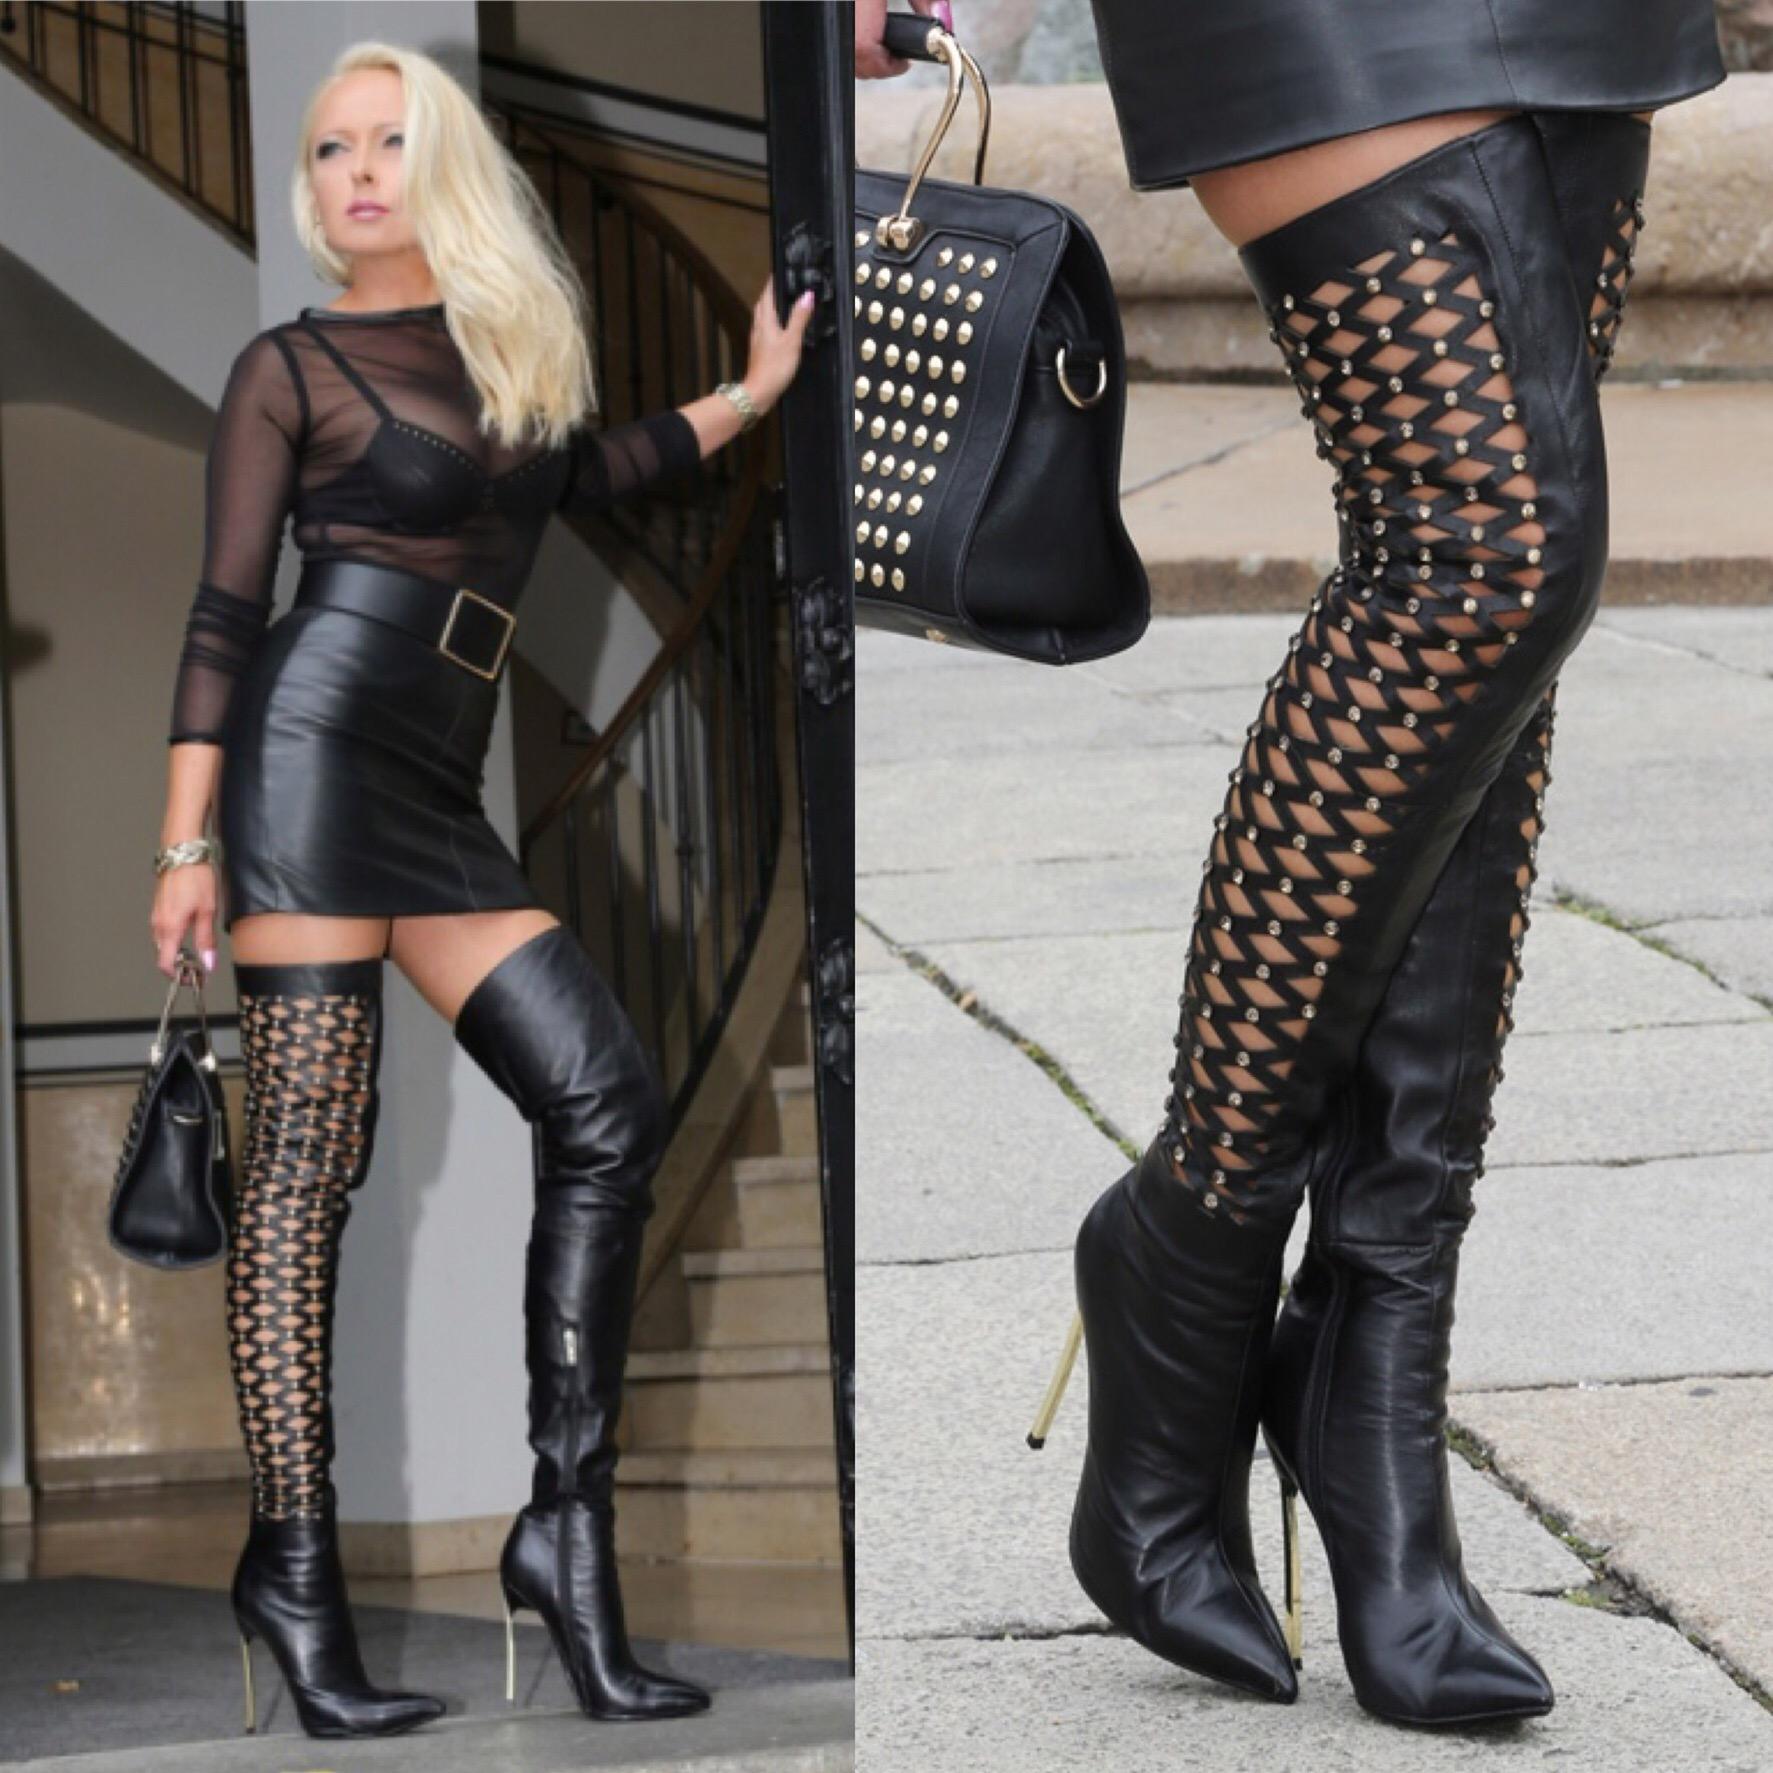 Thigh High Boots Fashion Week